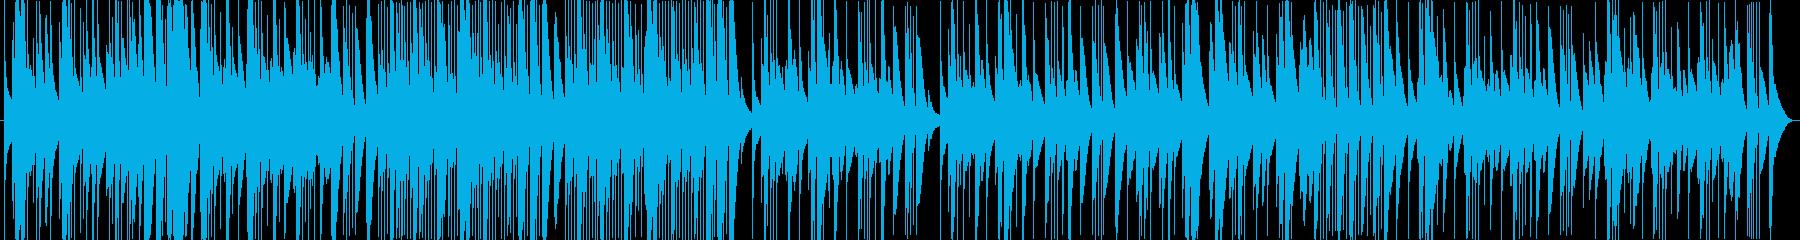 木琴(マリンバ)のとぼけた感じの曲の再生済みの波形